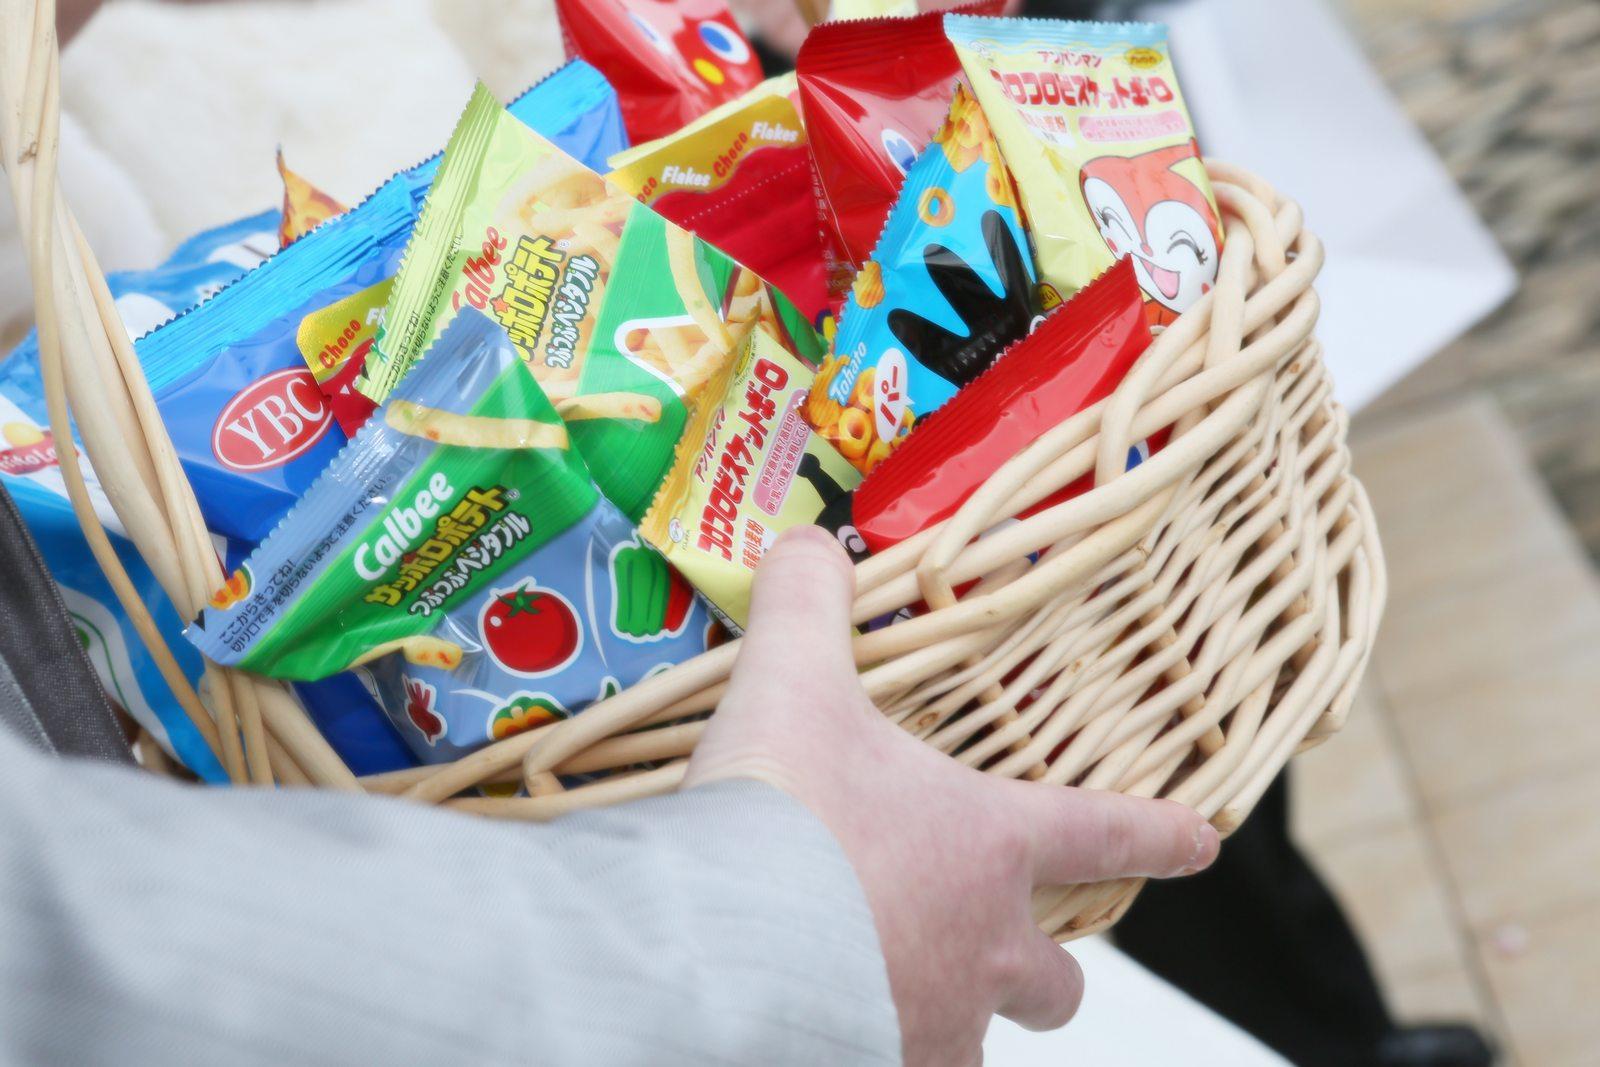 徳島市の結婚式場ブランアンジュで新郎新婦が用意して子ども向けのギフト